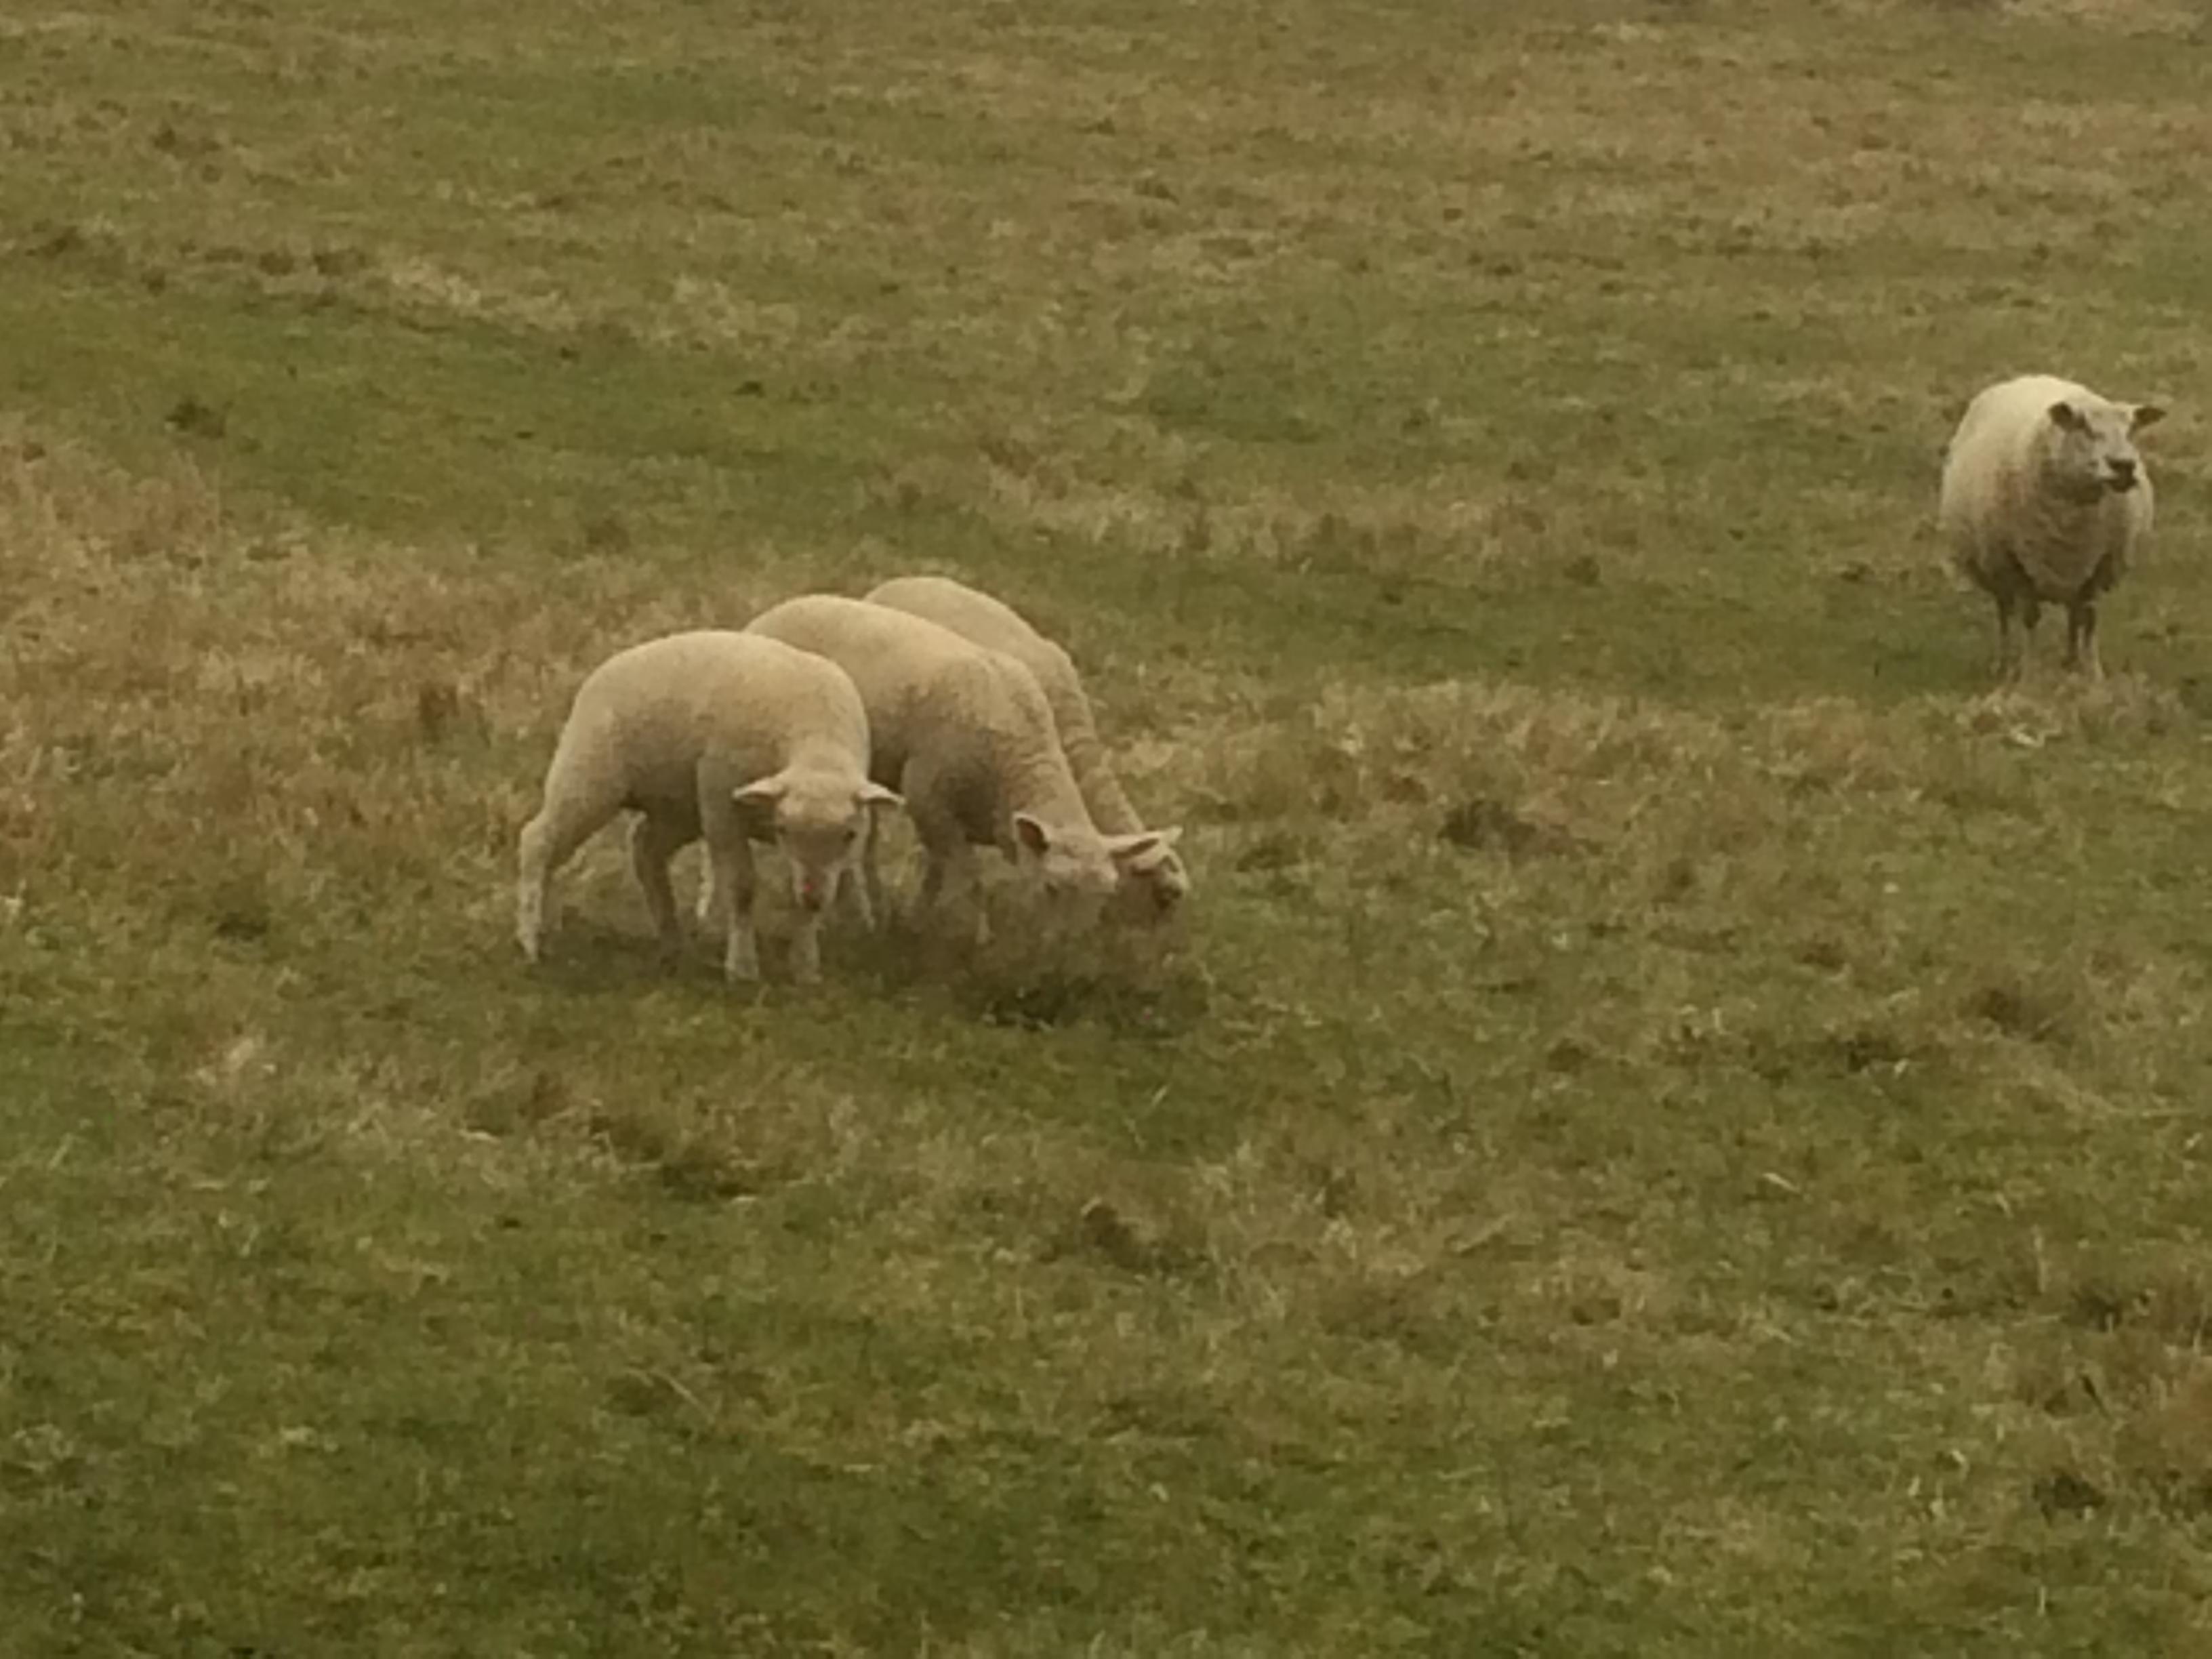 Les 5 agneaux grandissent...